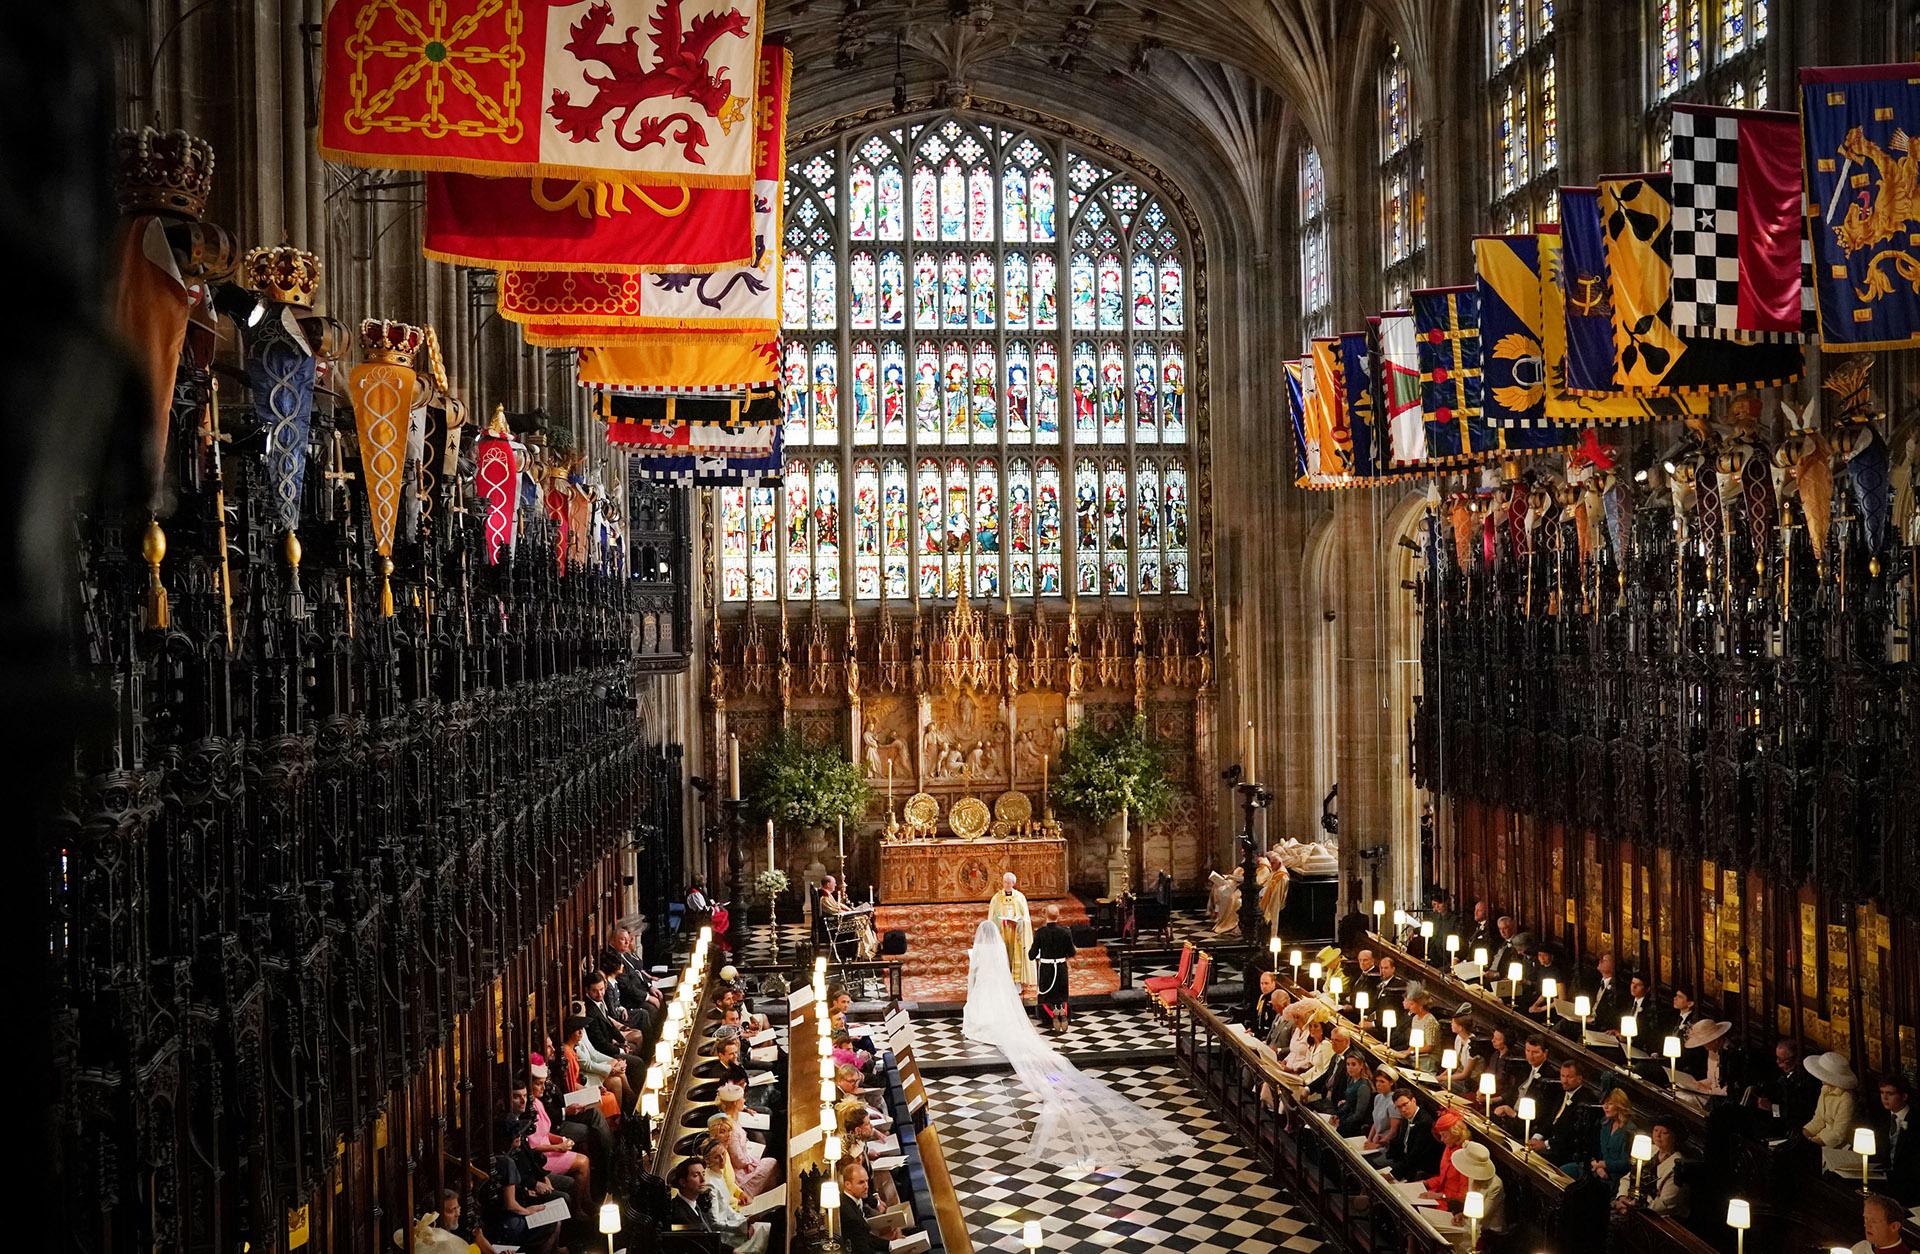 Imponente la Capilla de St George durante la ceremonia que comenzó a las 12 del mediodía hora de Londres (AFP)